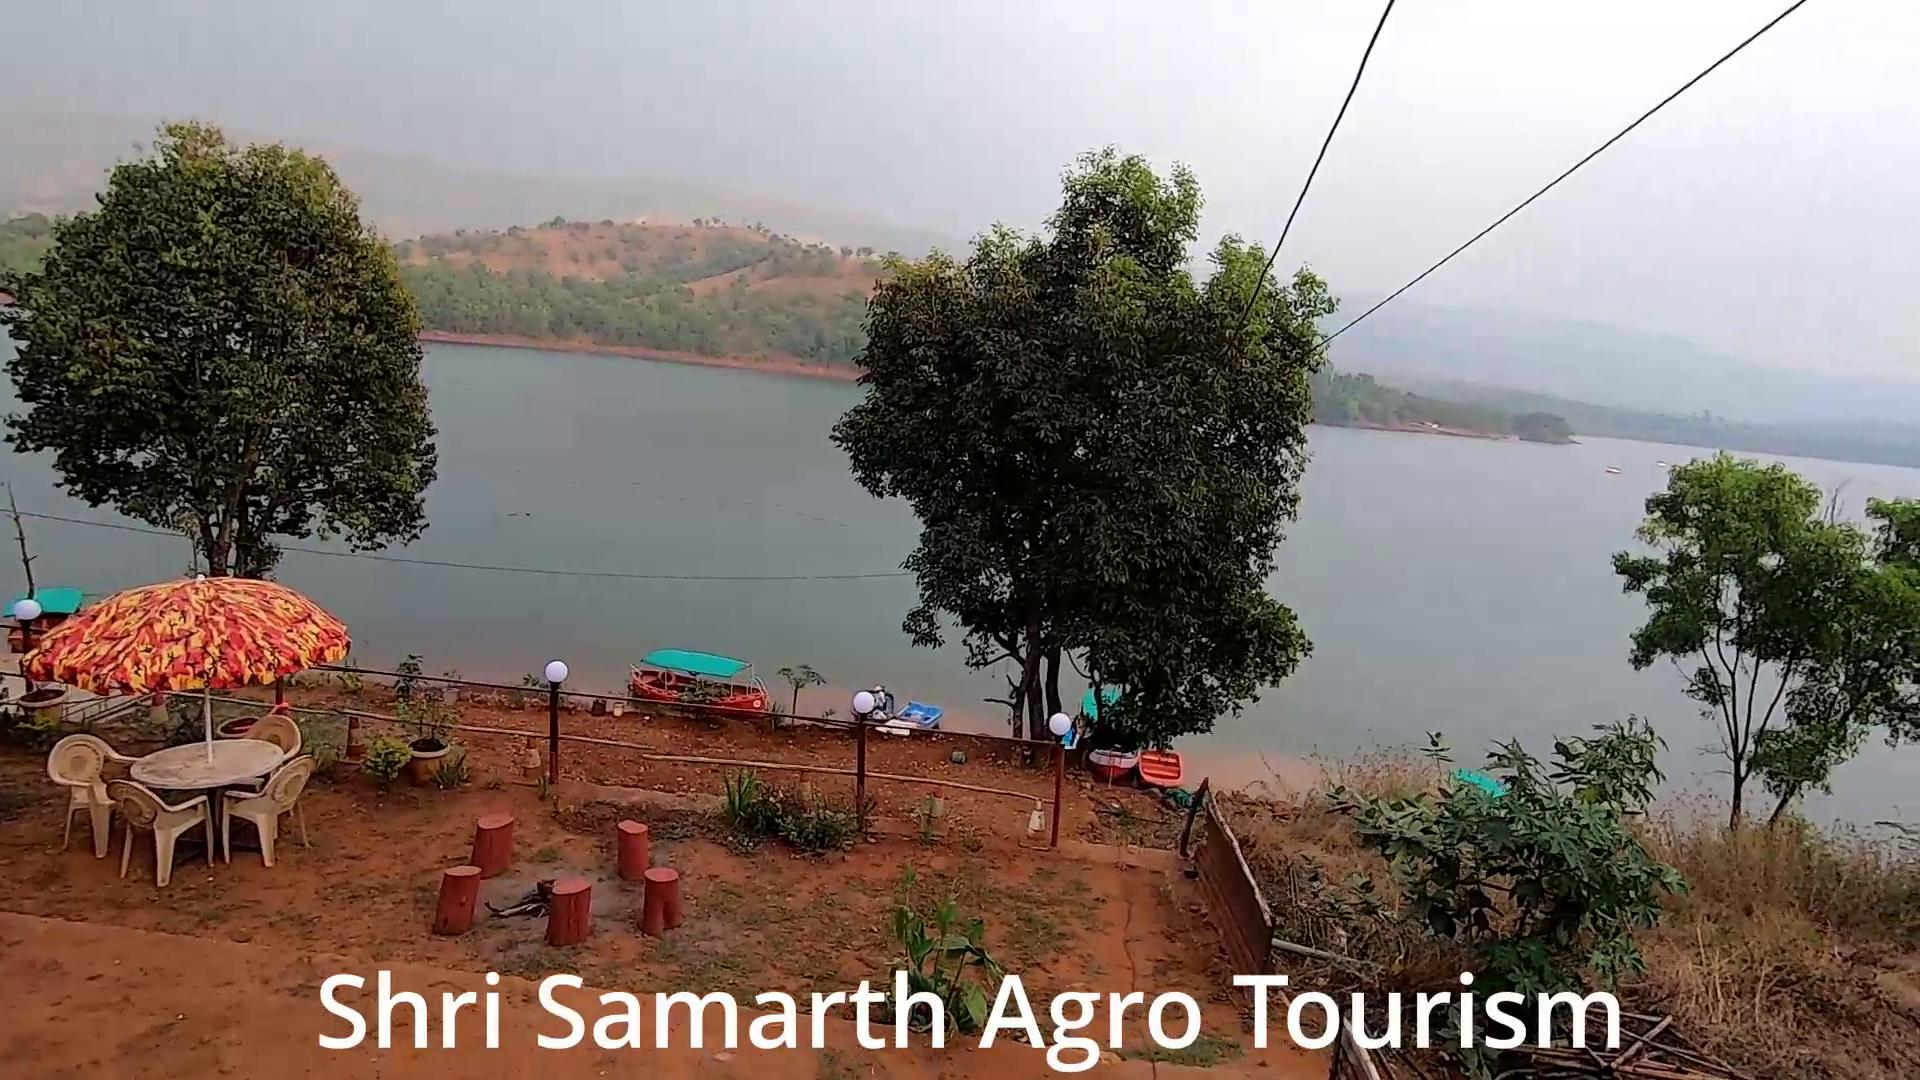 Shri Samarth Agro Tourism tapola